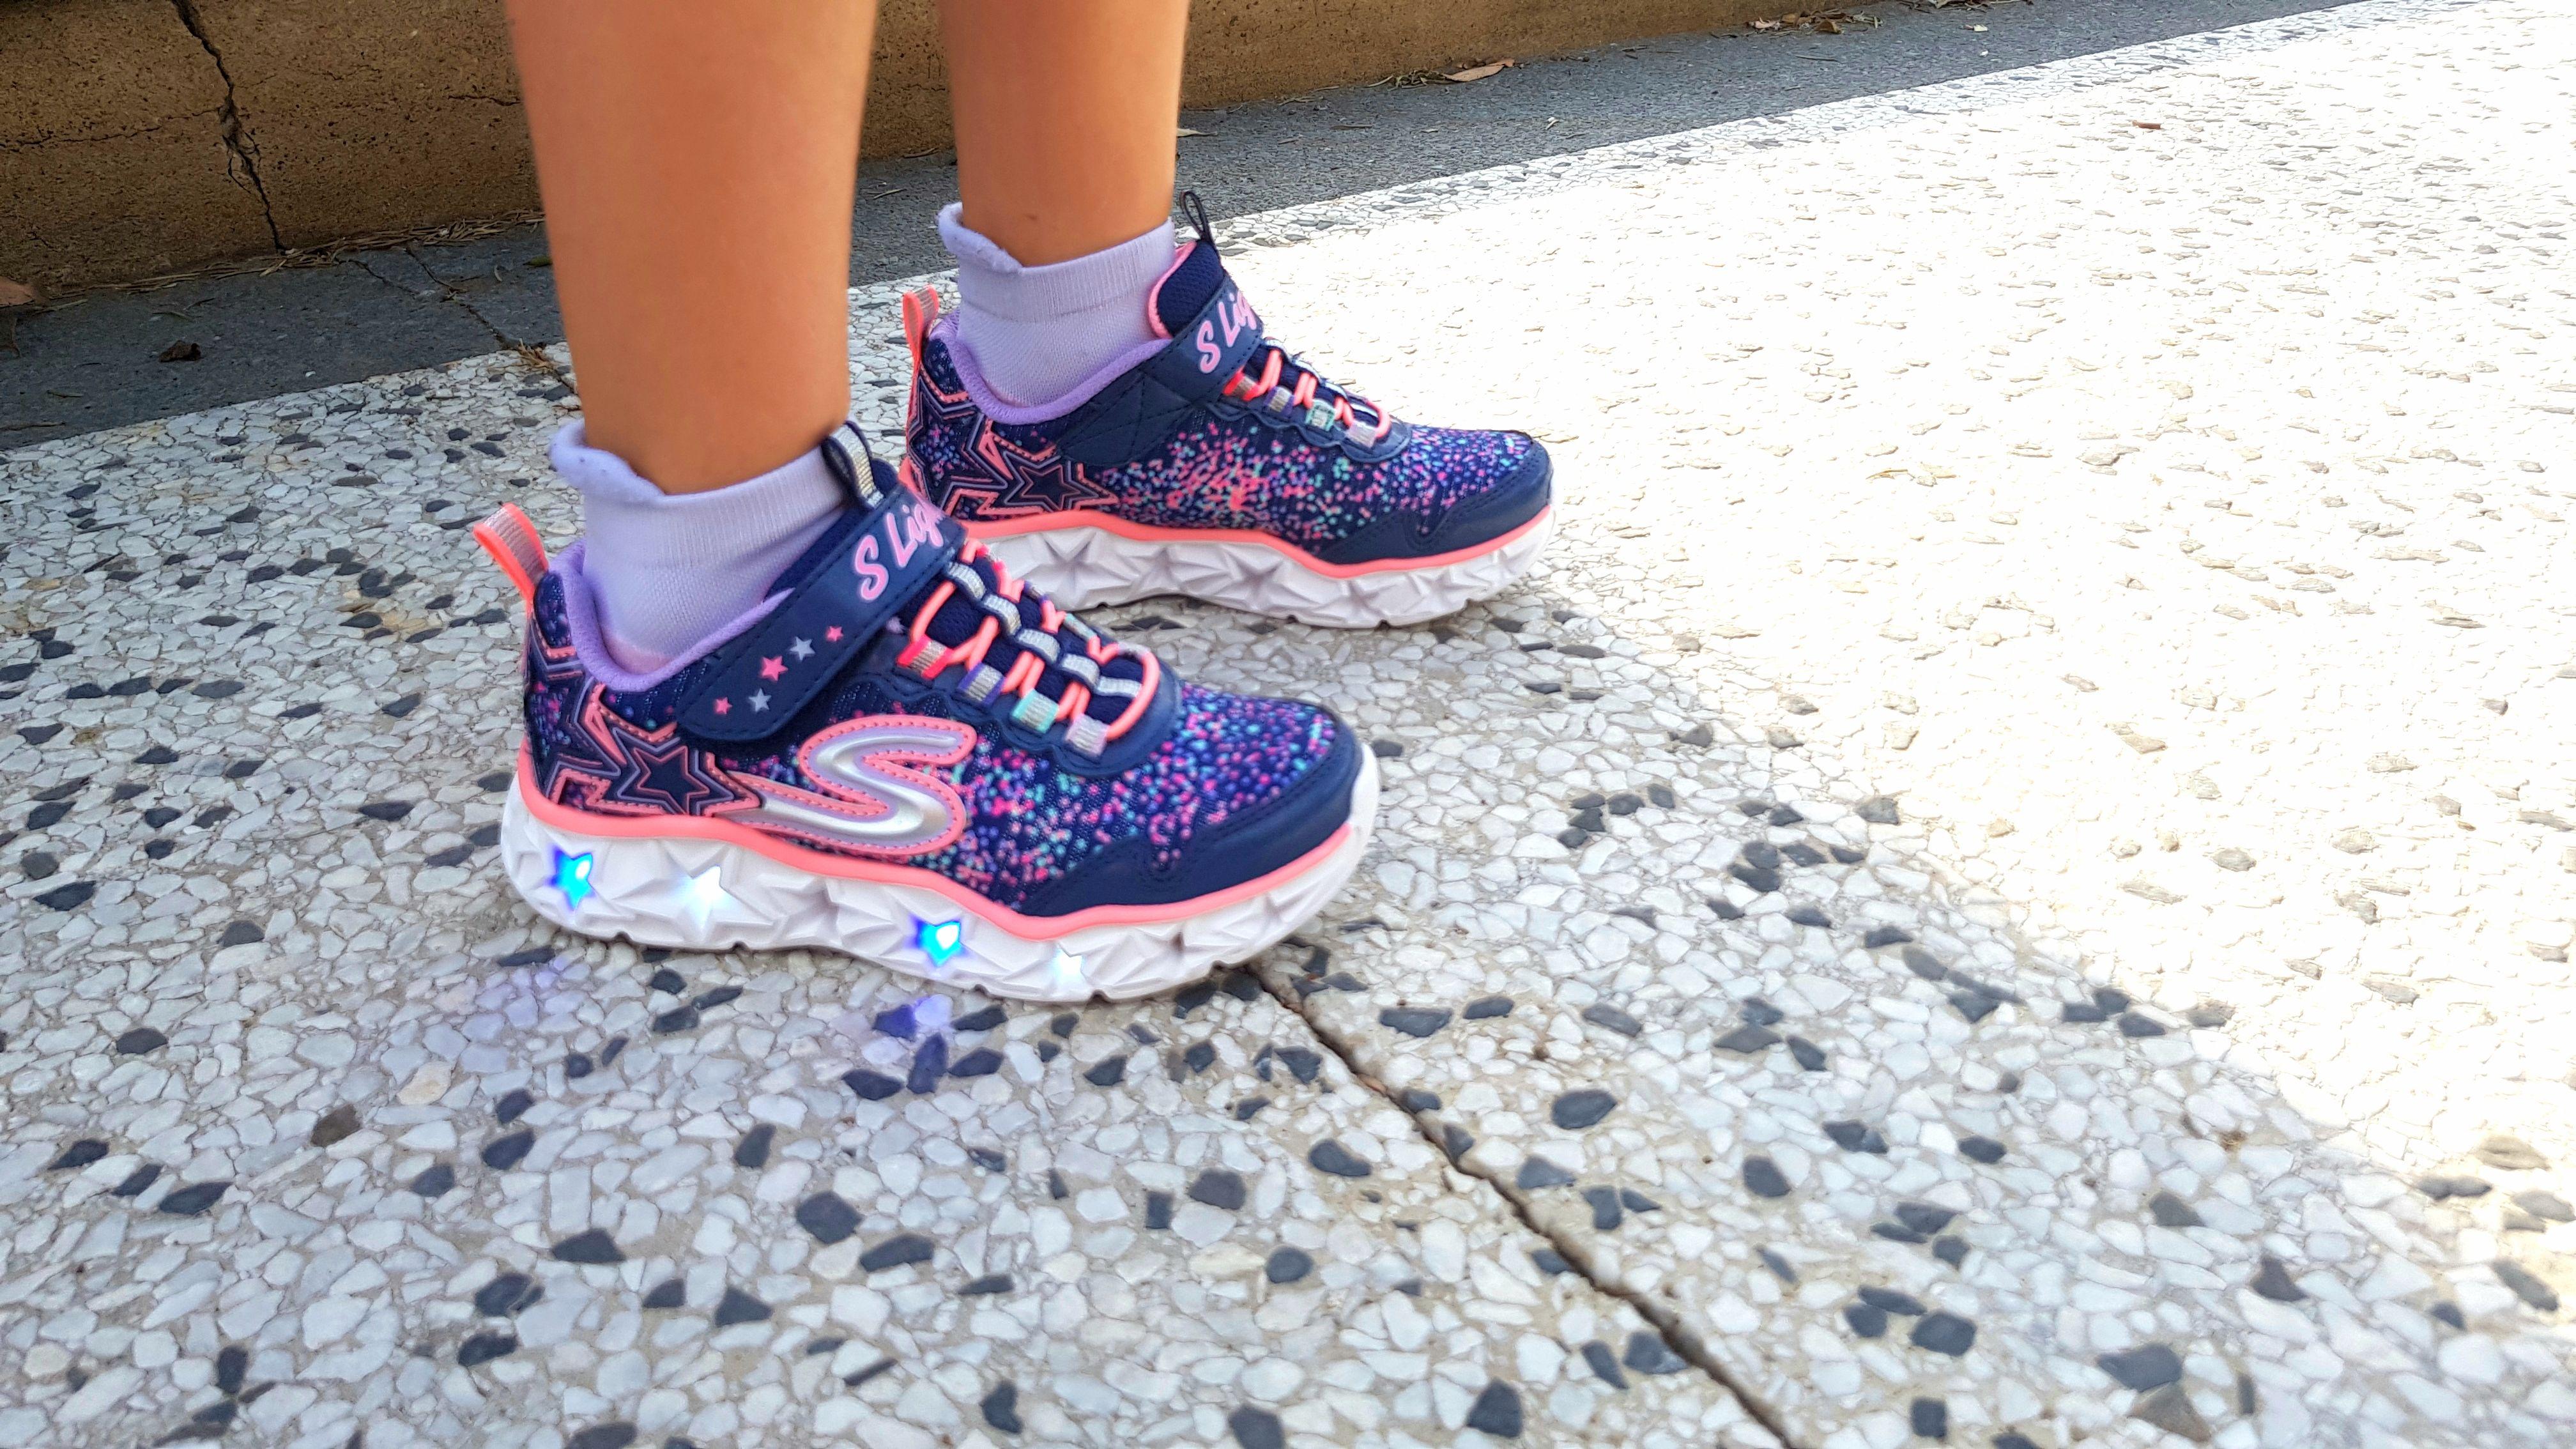 Girls Skechers shoes | Skechers kids